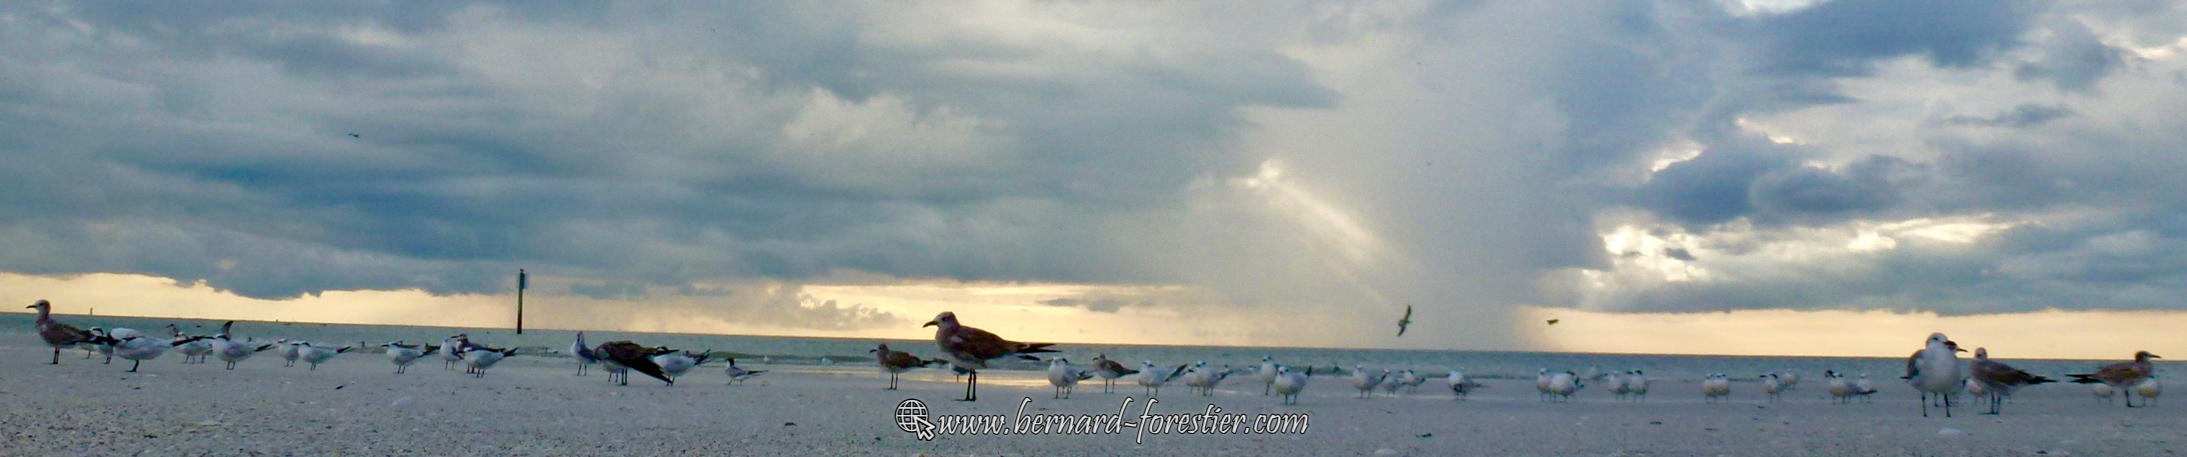 Mouettes et plage de Floride